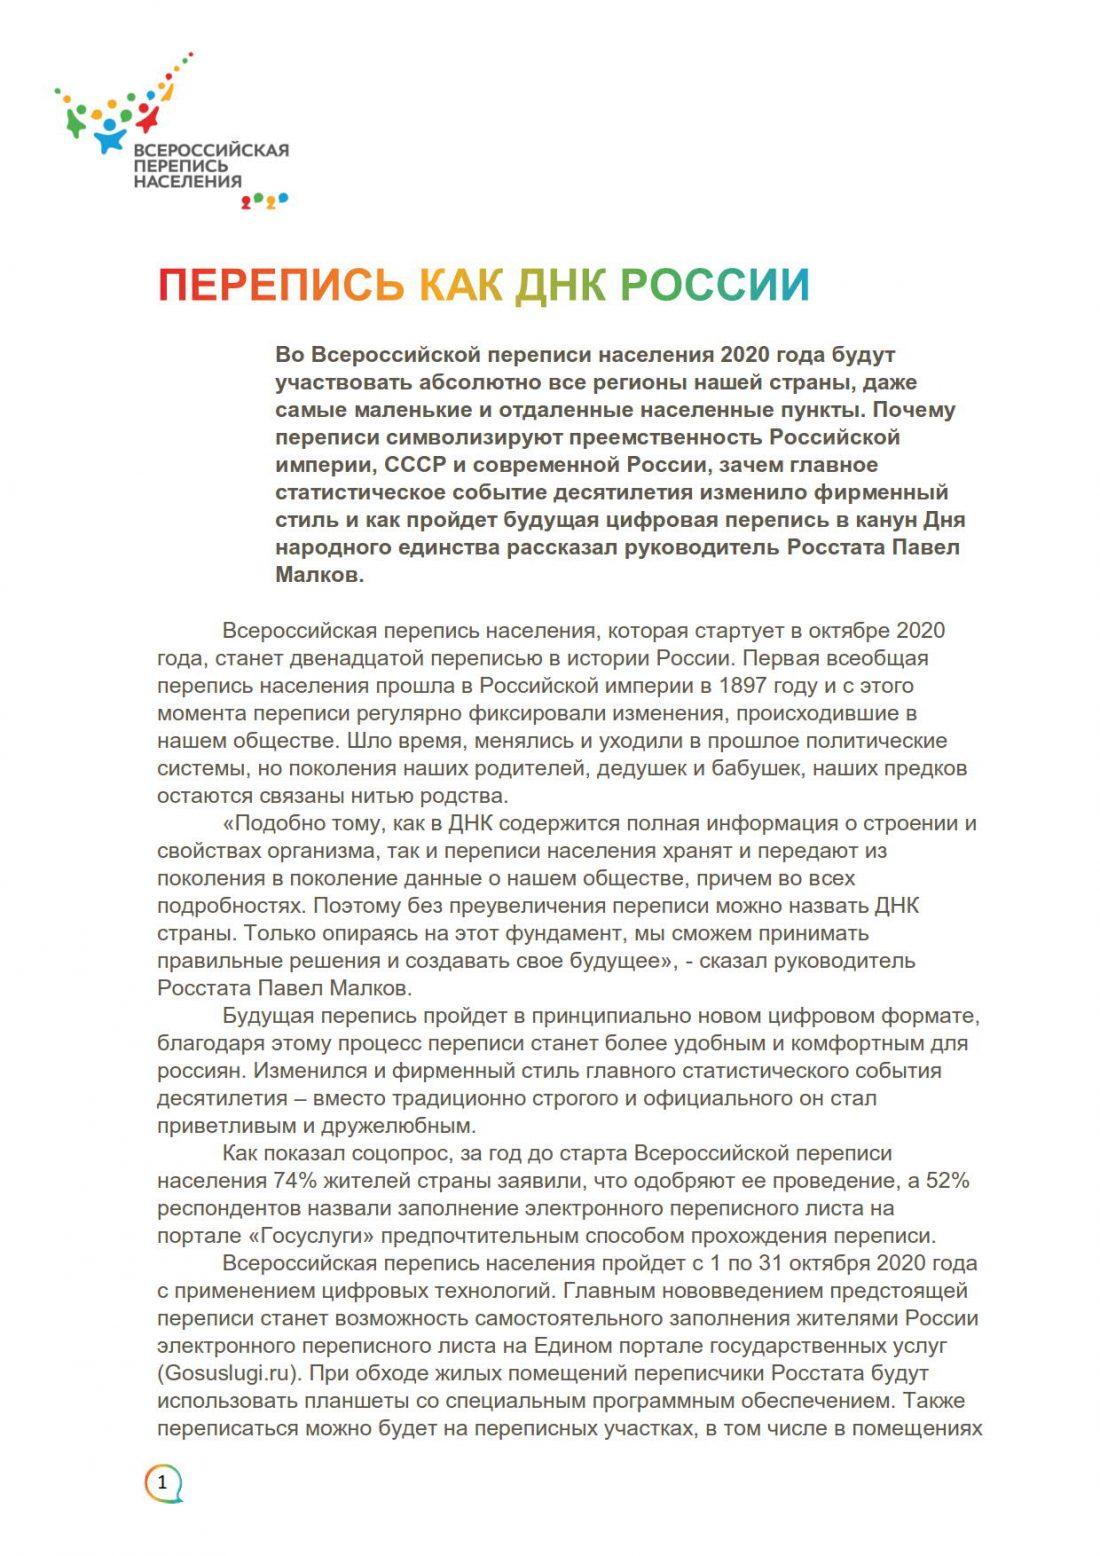 Перепись населения как ДНК России_1